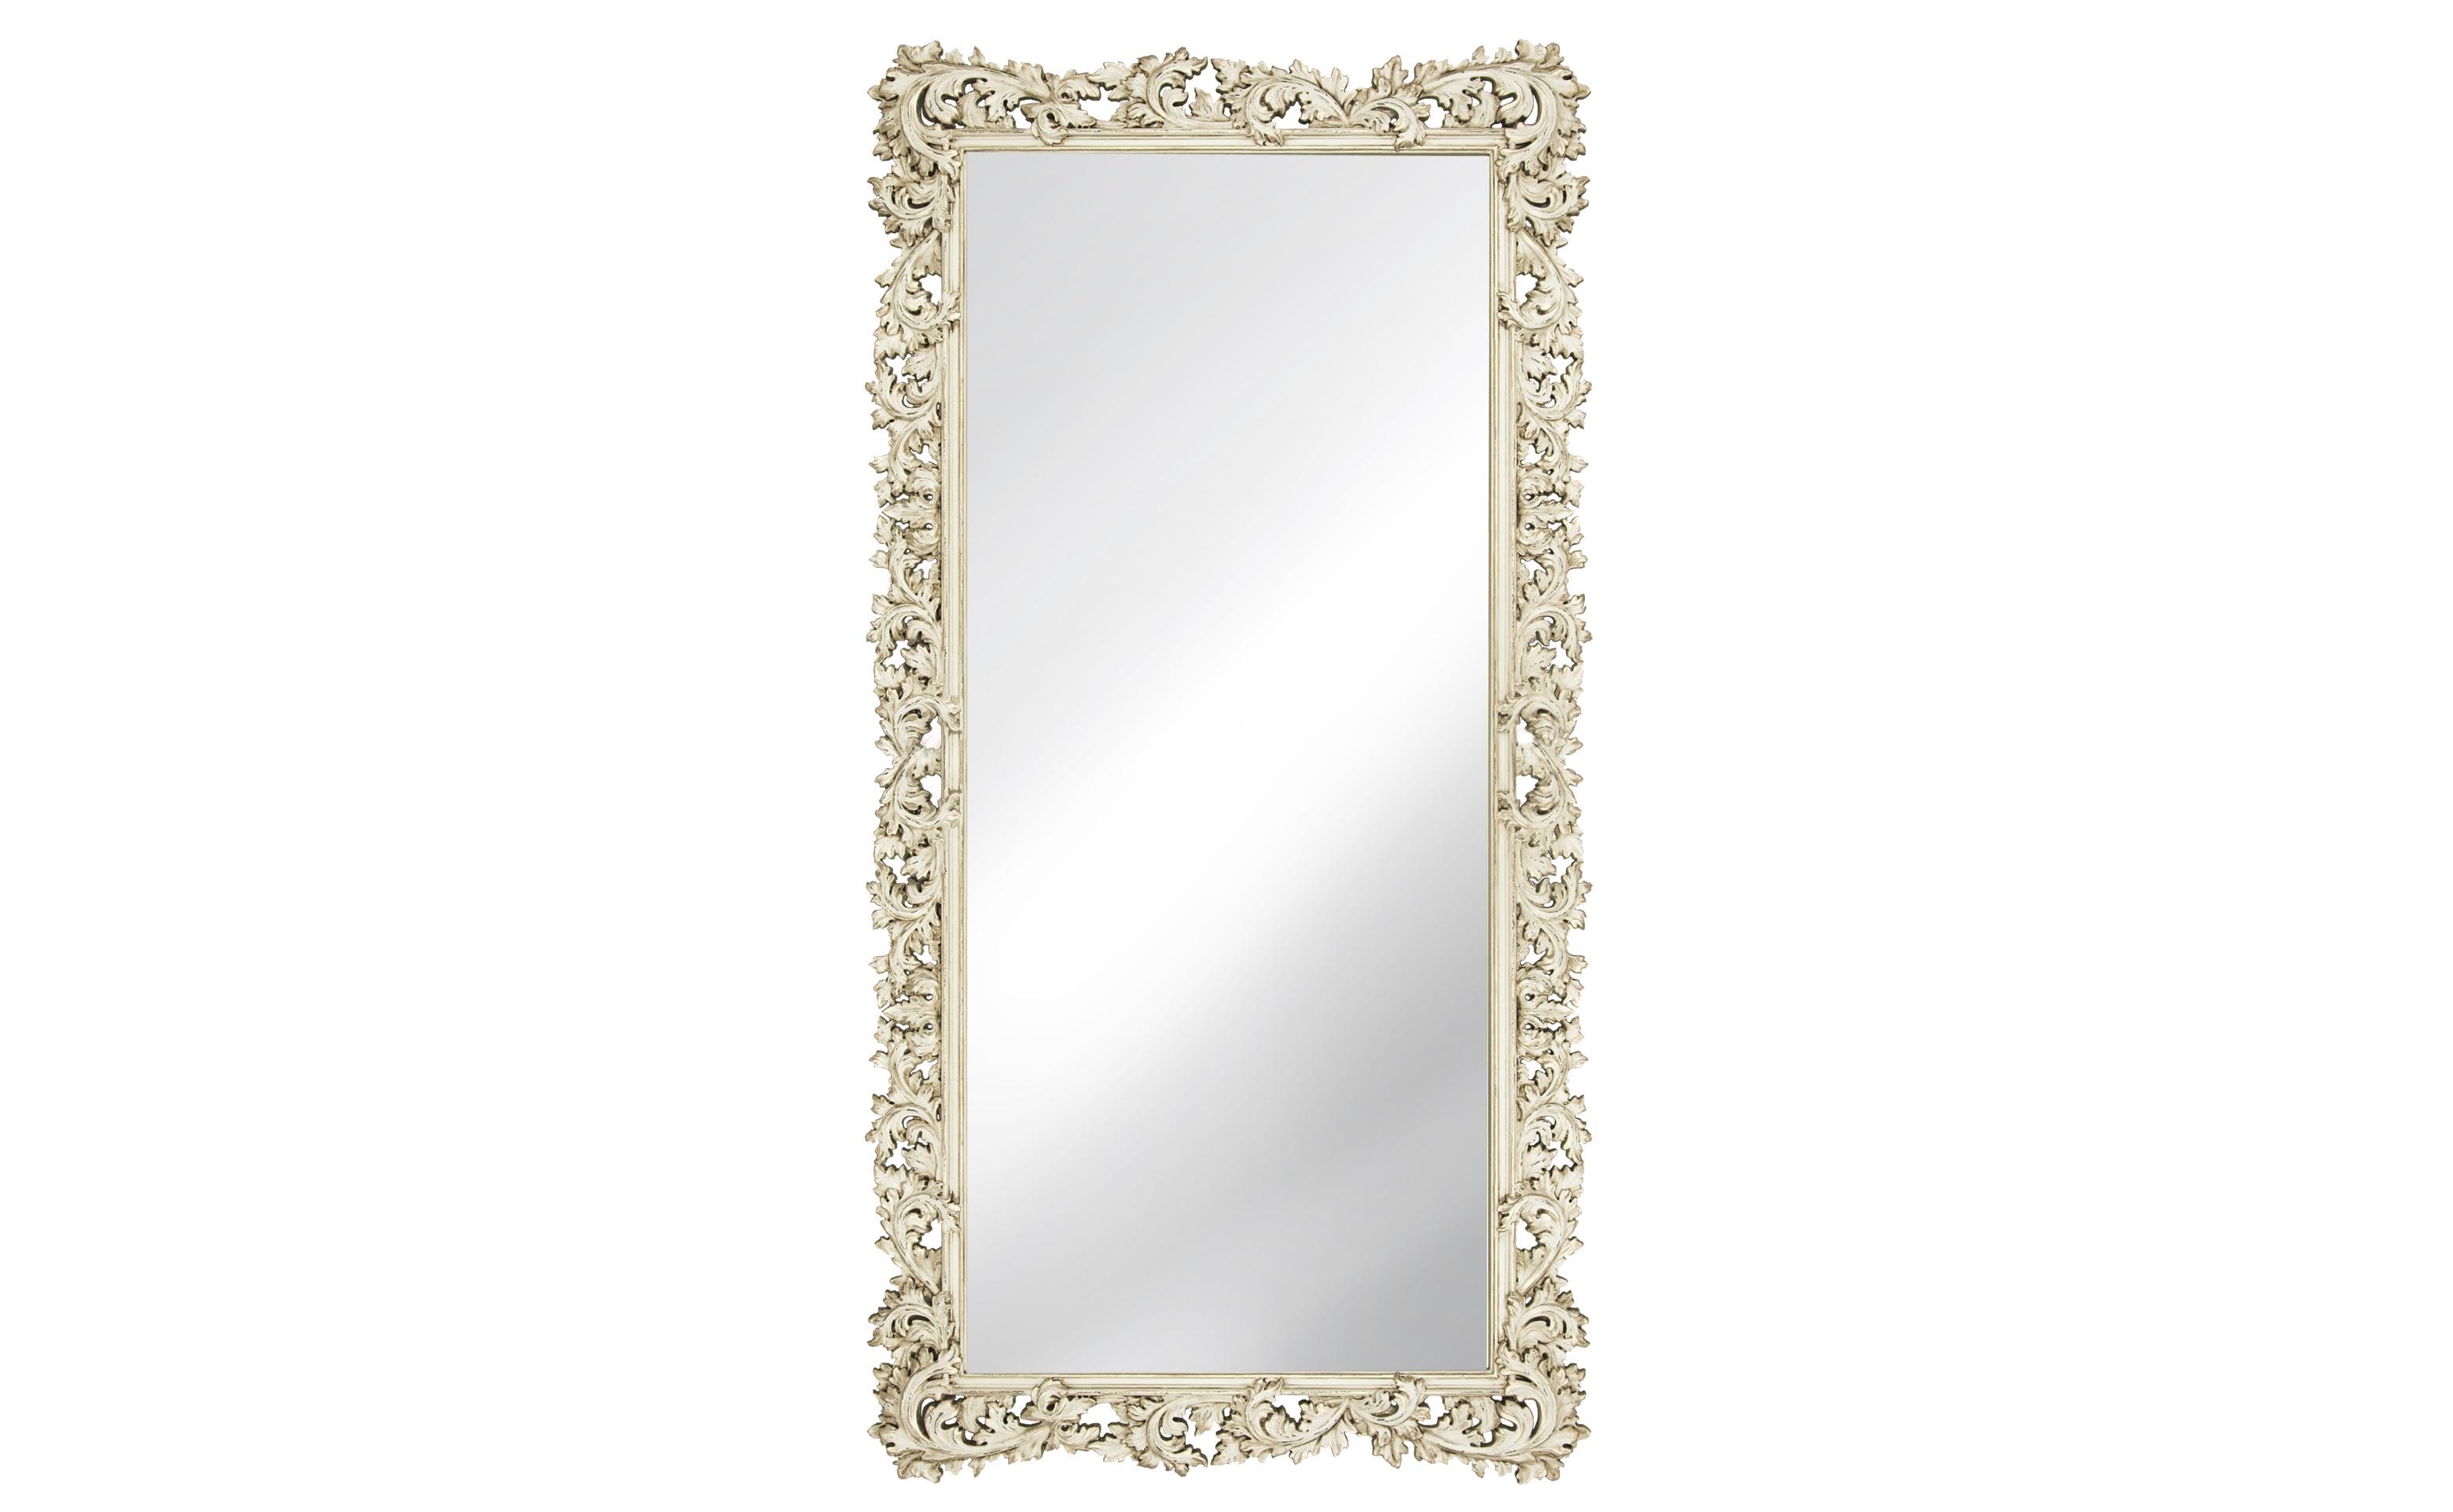 ЗеркалоНапольные зеркала<br>&amp;lt;div&amp;gt;&amp;lt;div&amp;gt;Если уж смотреть на себя со стороны, то во весь рост и в красивое зеркало. Этот предмет интерьера в роскошной раме выдержан в нежнейшем стиле шебби-шик. Обрамление не просто сделано &amp;quot;под старину&amp;quot;. При помощи патинирования, нанесения специального состава, имитирующего сусальное золото, и искусственных потертостей оно обретает уникальный дух. Словно его коснулось само время. Вместе с тем, багет вырезан из современного композитного материала, очень прочного и твердого, влагостойкого и практичного.&amp;lt;/div&amp;gt;&amp;lt;/div&amp;gt;&amp;lt;div&amp;gt;&amp;lt;br&amp;gt;&amp;lt;/div&amp;gt;&amp;lt;div&amp;gt;Цвет:&amp;amp;nbsp;Слоновая кость Шебби-шик Патина Золото&amp;lt;/div&amp;gt;<br><br>Material: Полиуретан<br>Ширина см: 88<br>Высота см: 180<br>Глубина см: 4